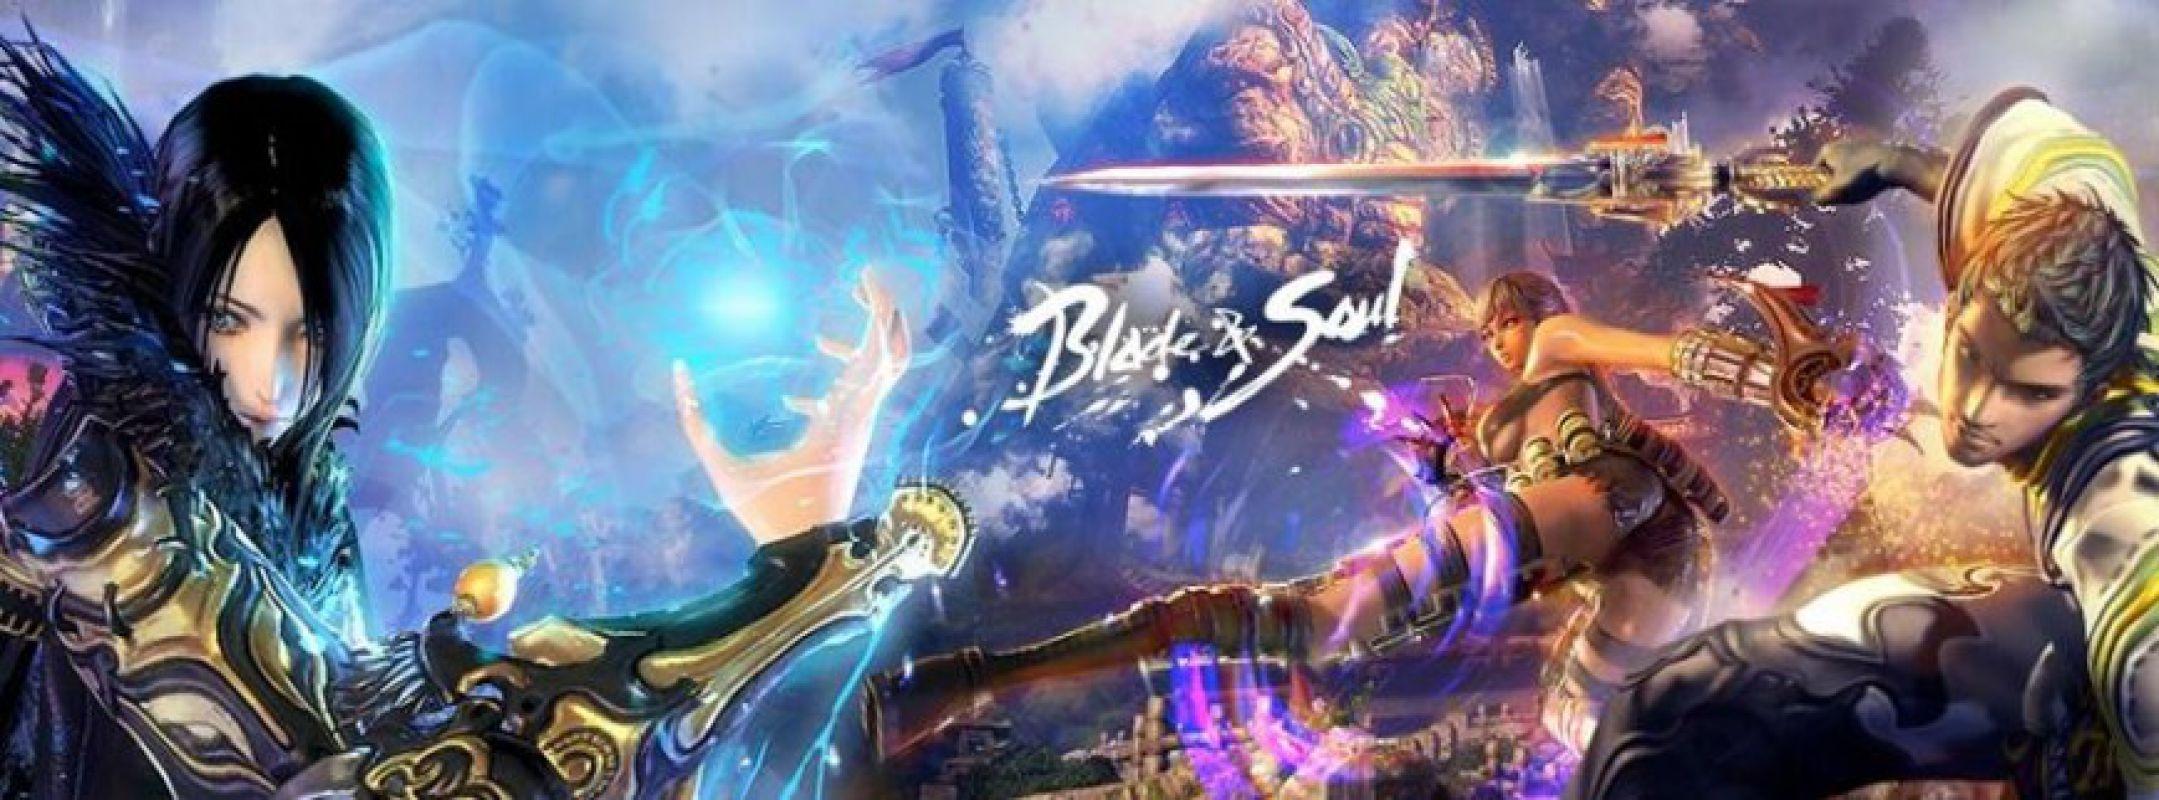 Официальный анонс русской версии Blade & Soul от компании Иннова